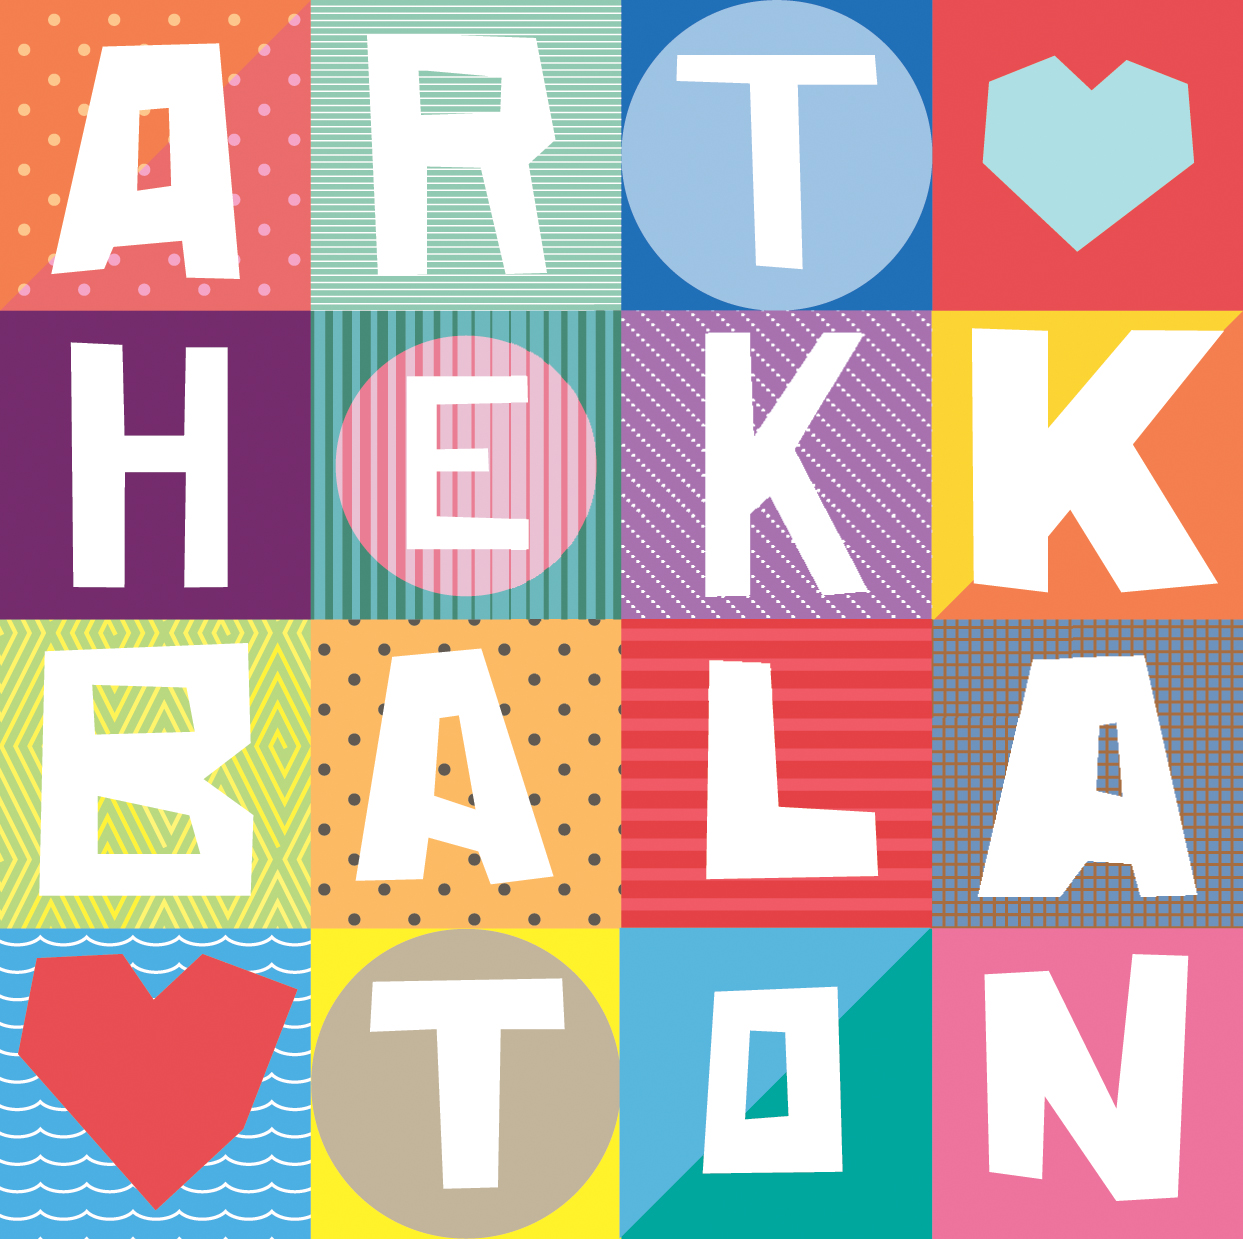 ART HEKK WEBSHOP